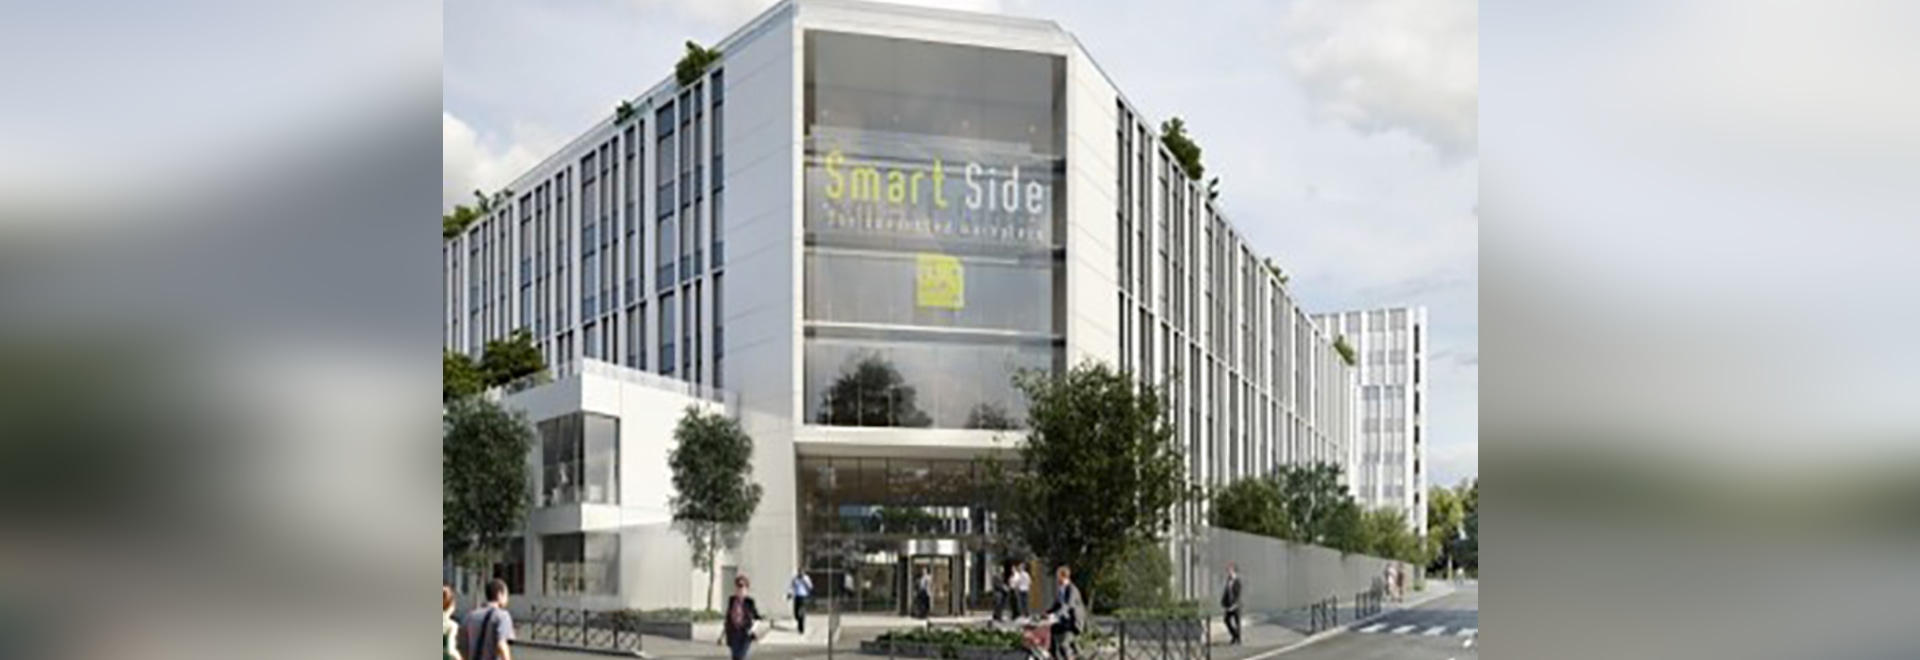 Smart Side Paris